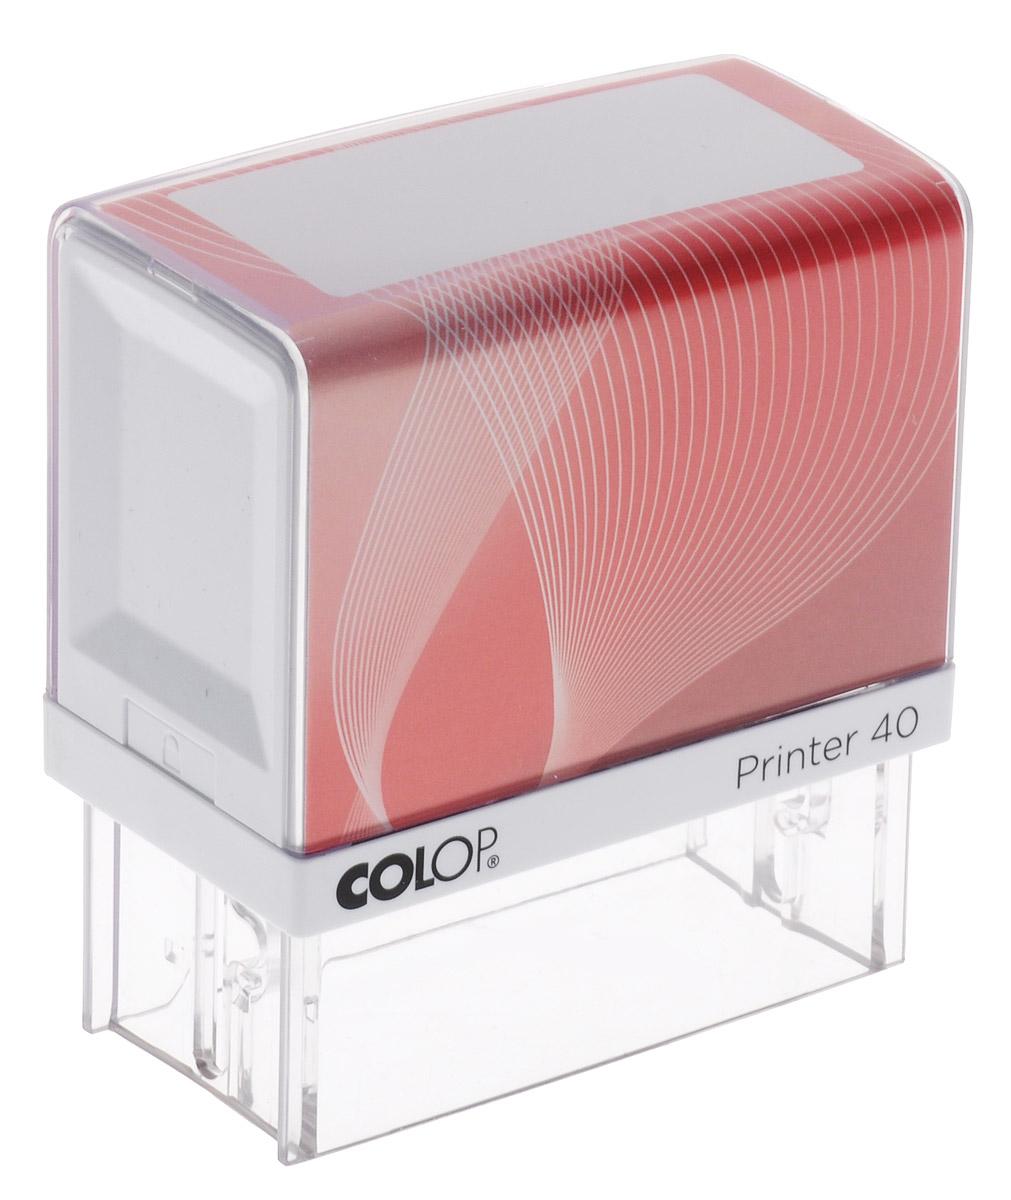 Colop Оснастка для штампа цвет красный 23 х 59 мм -  Печати, штампы